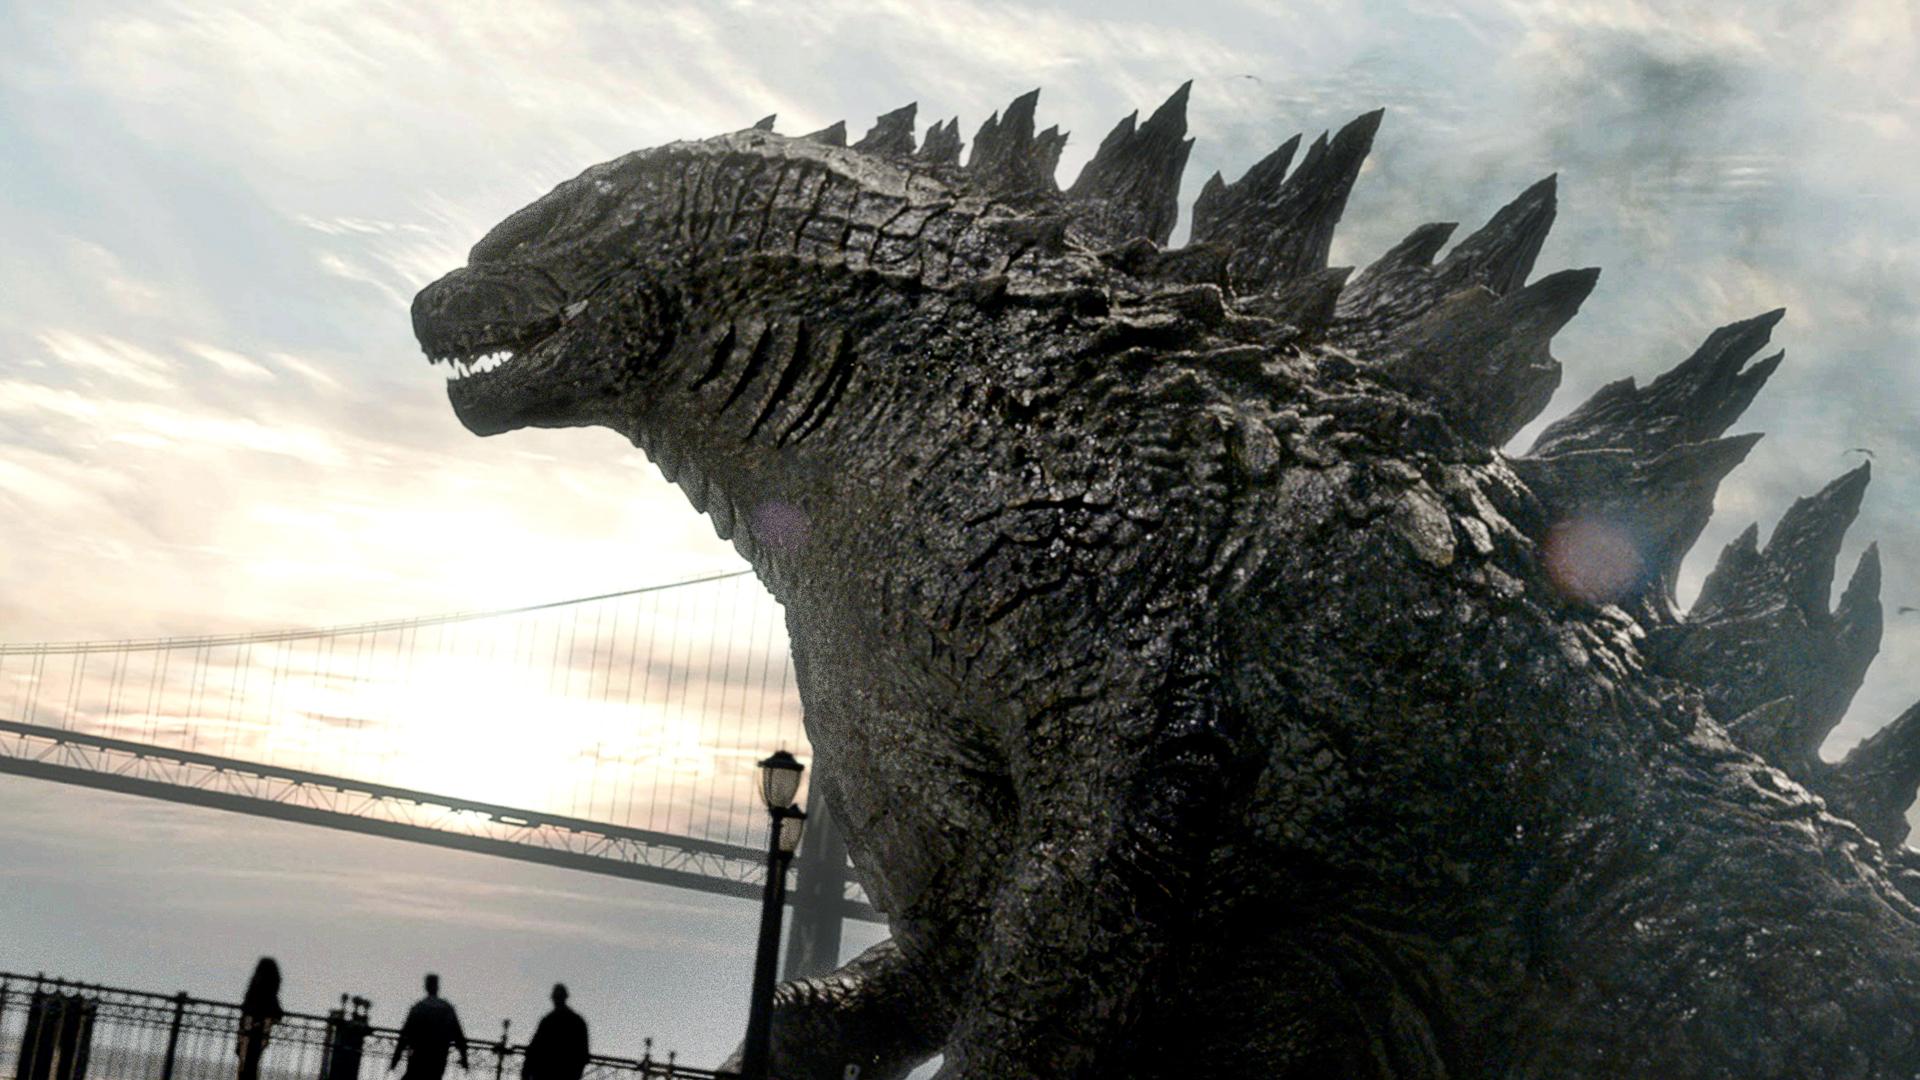 Godzilla 2014 Iphone Wallpaper Godzilla image 2014 movie hd 1920x1080